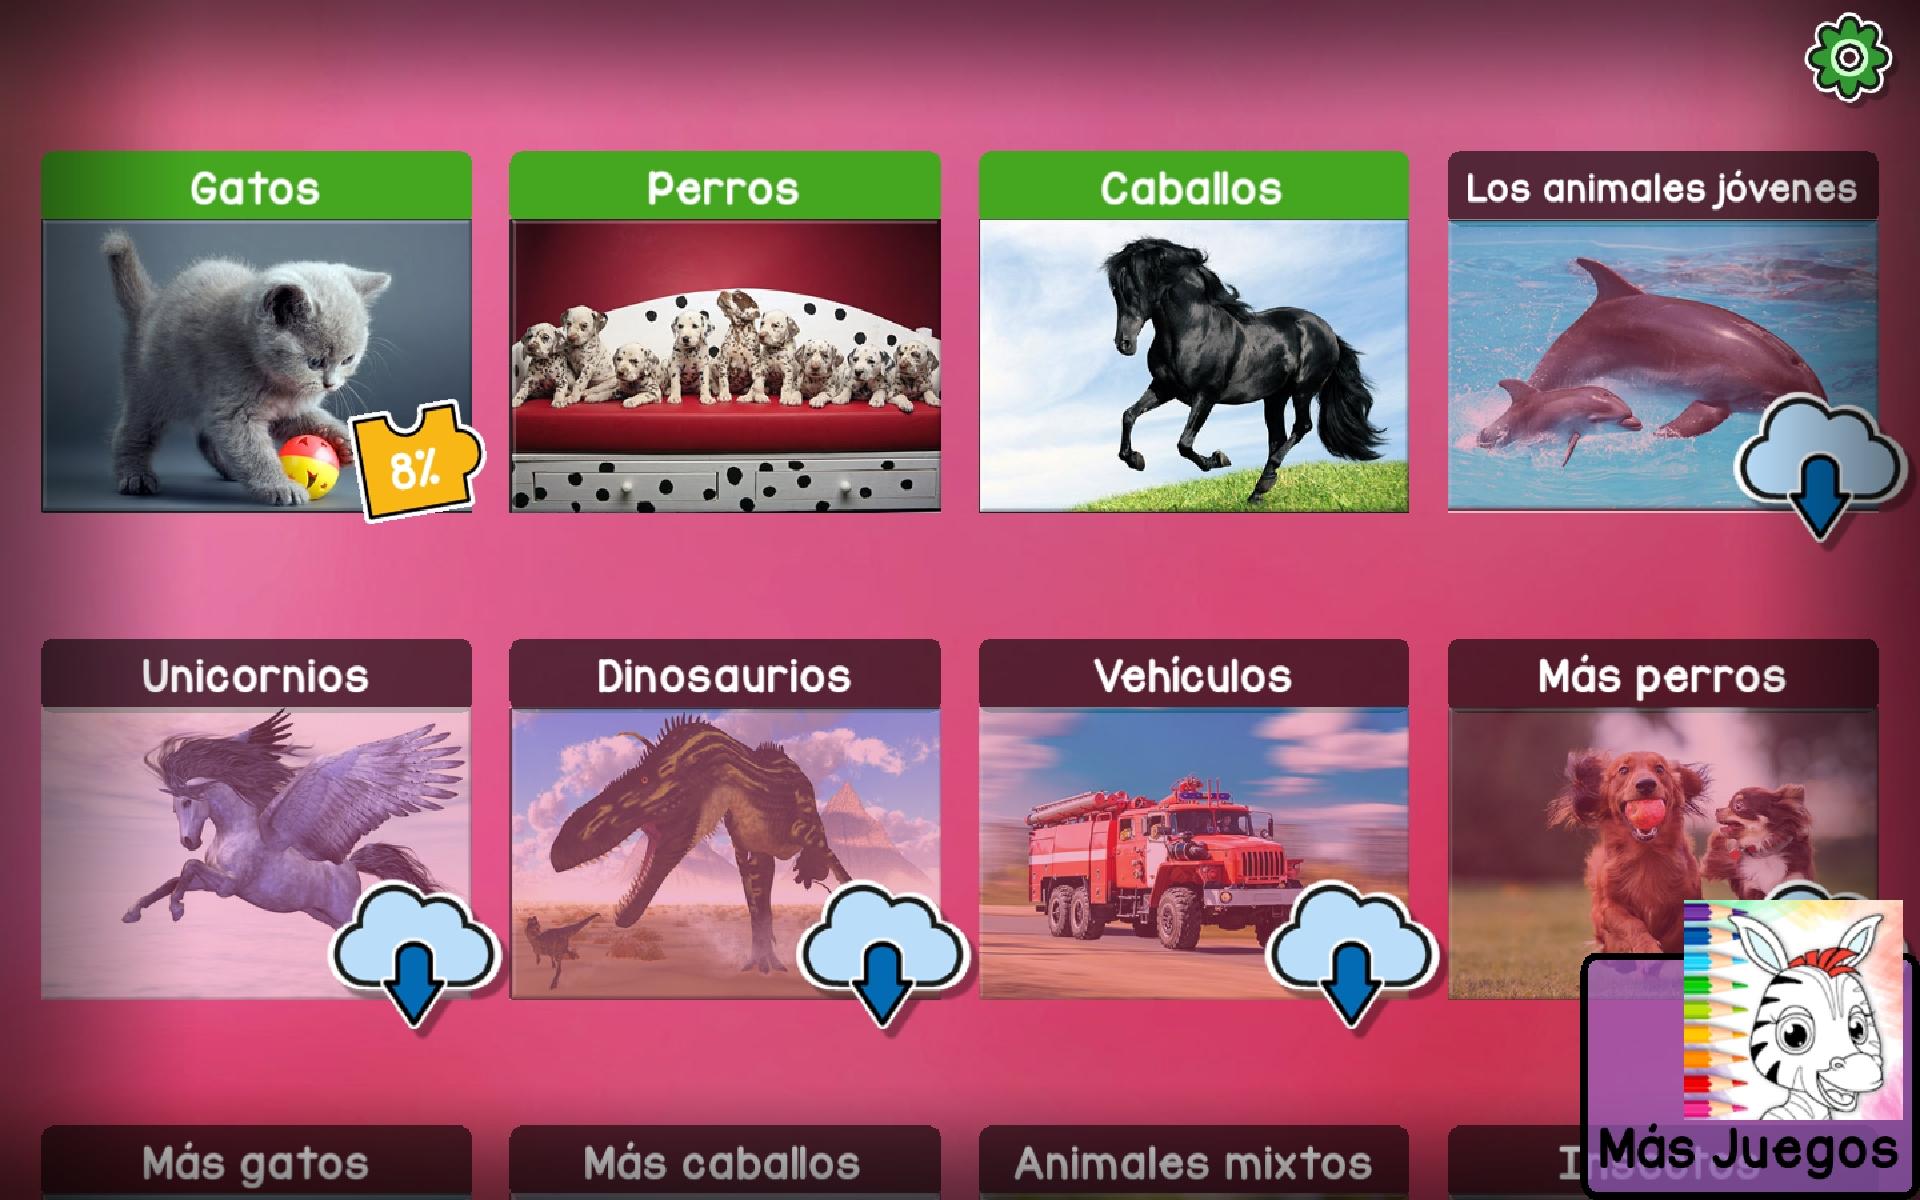 pantalla de otros puzzles con distintos animales